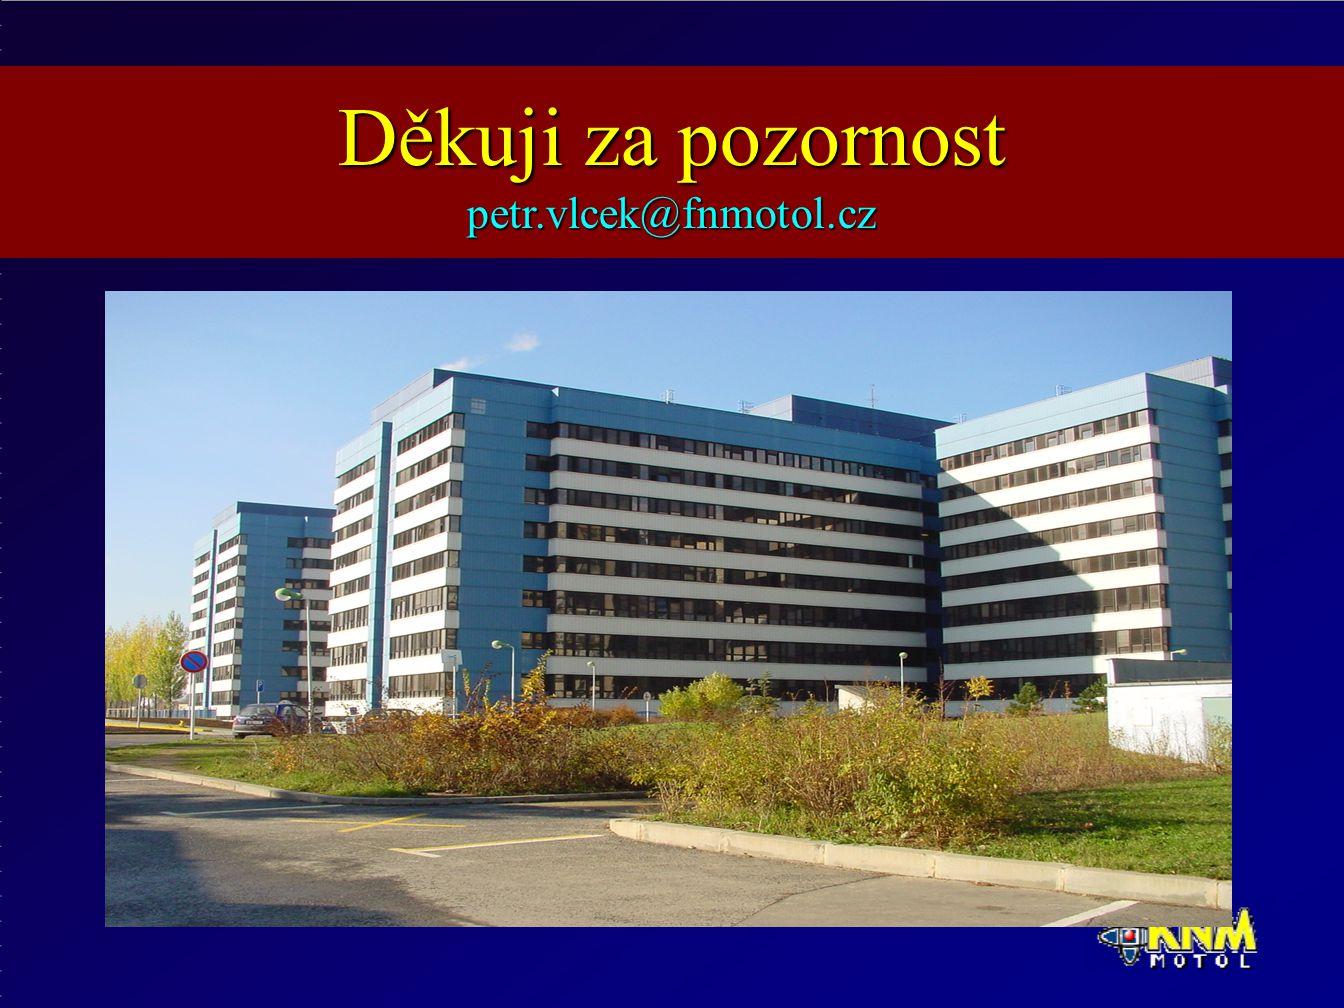 Děkuji za pozornost petr.vlcek@fnmotol.cz